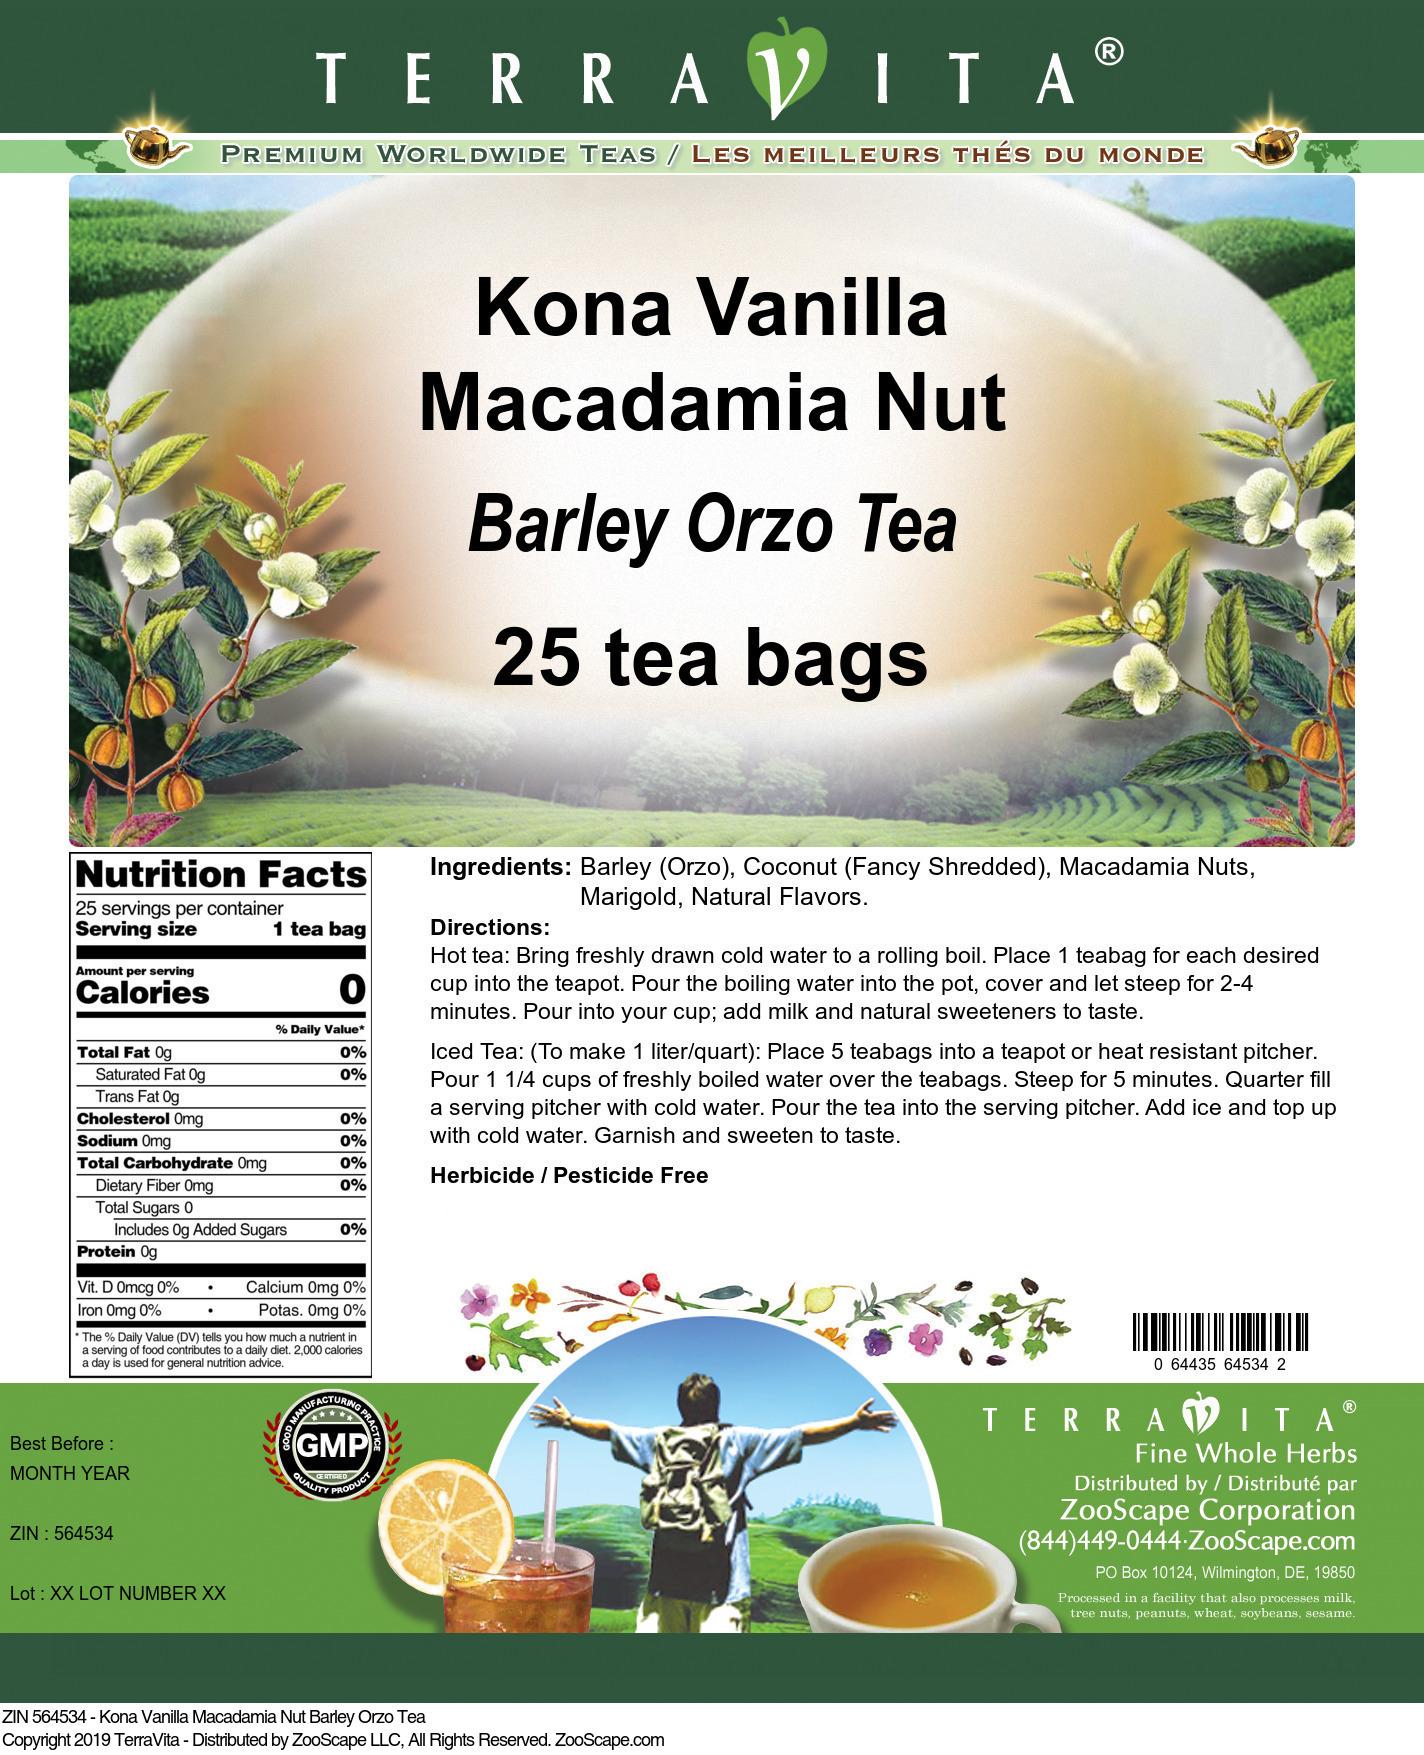 Kona Vanilla Macadamia Nut Barley Orzo Tea